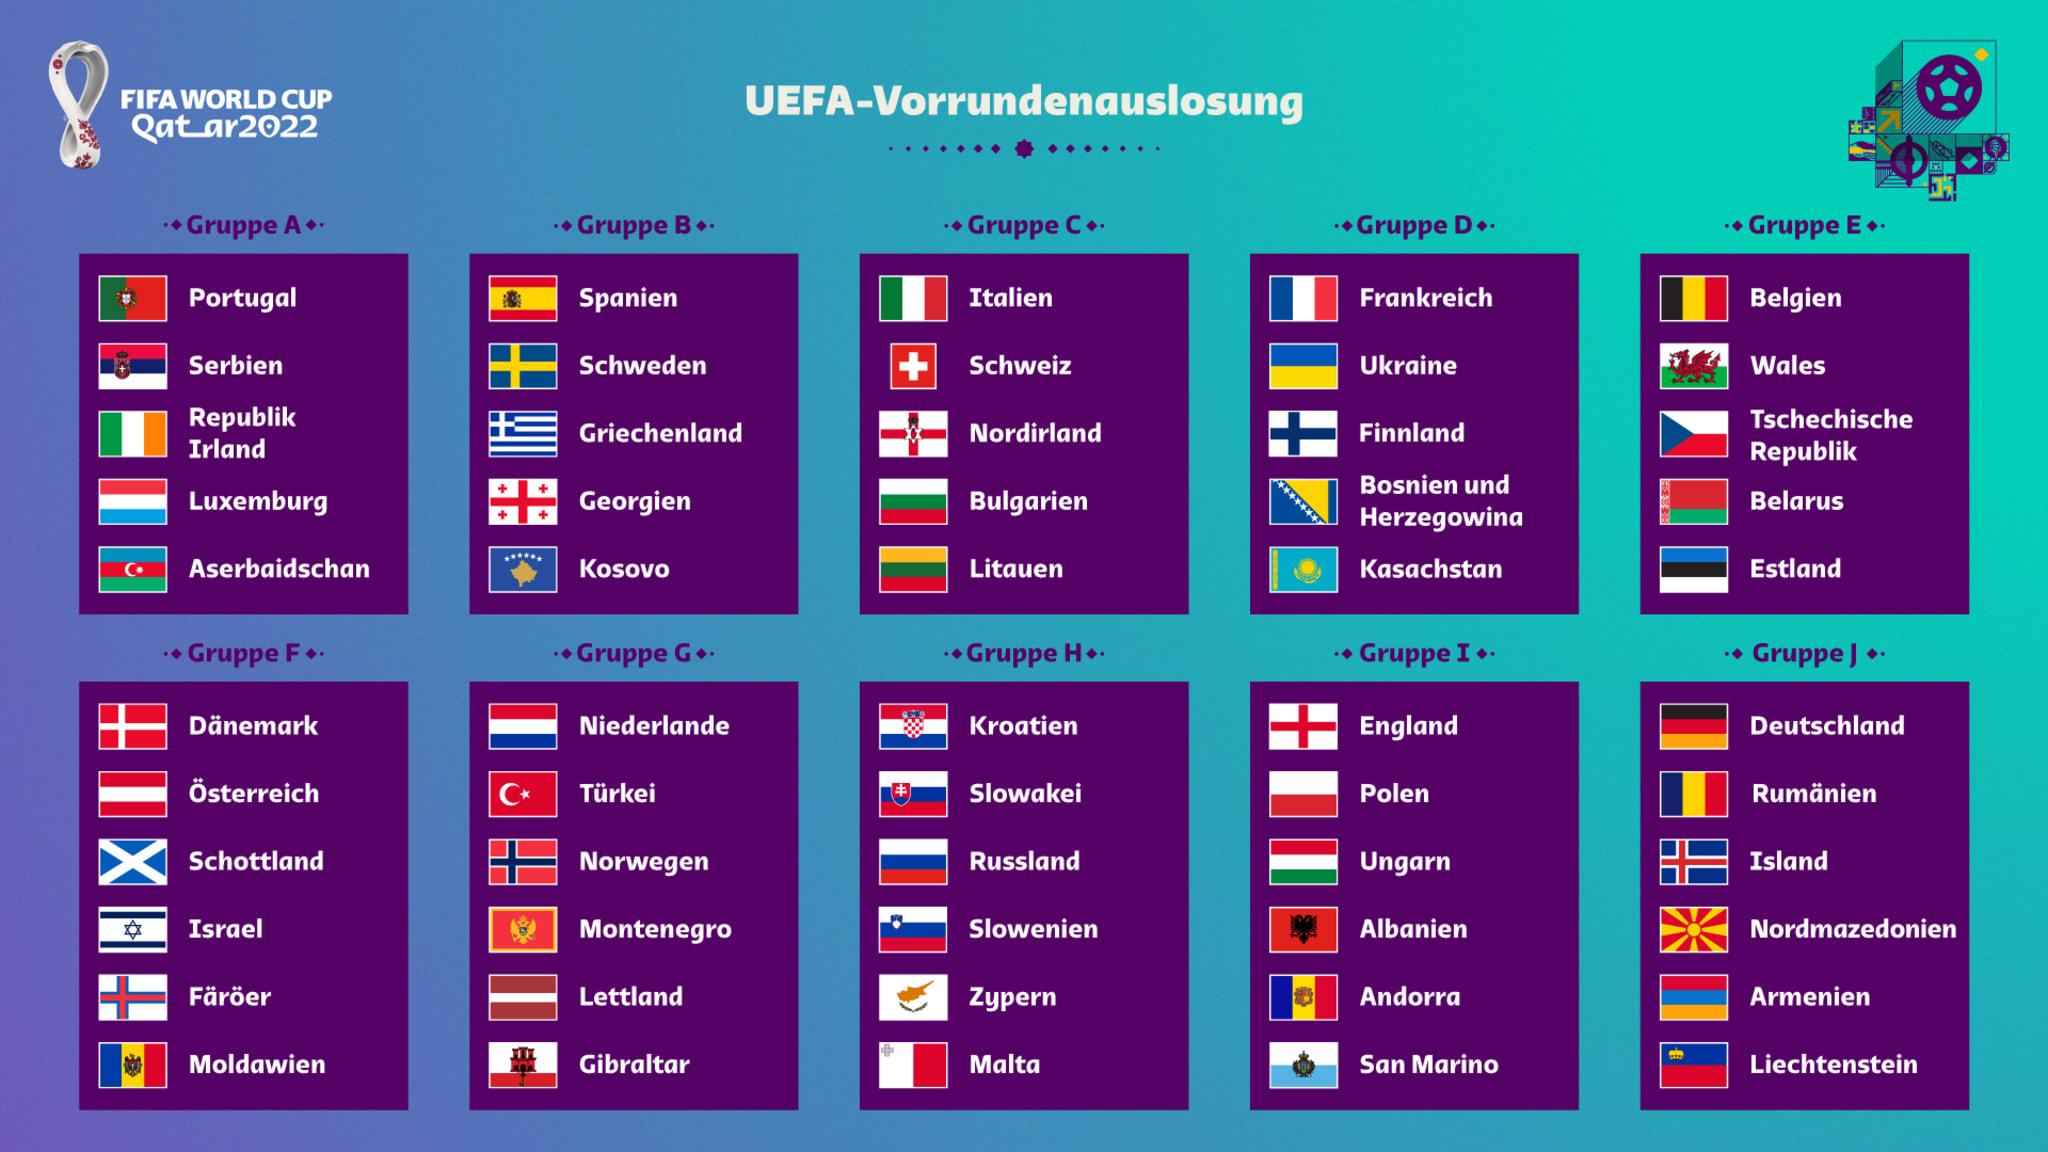 UEFA-Vorrundenauslosung - Alle Gruppen